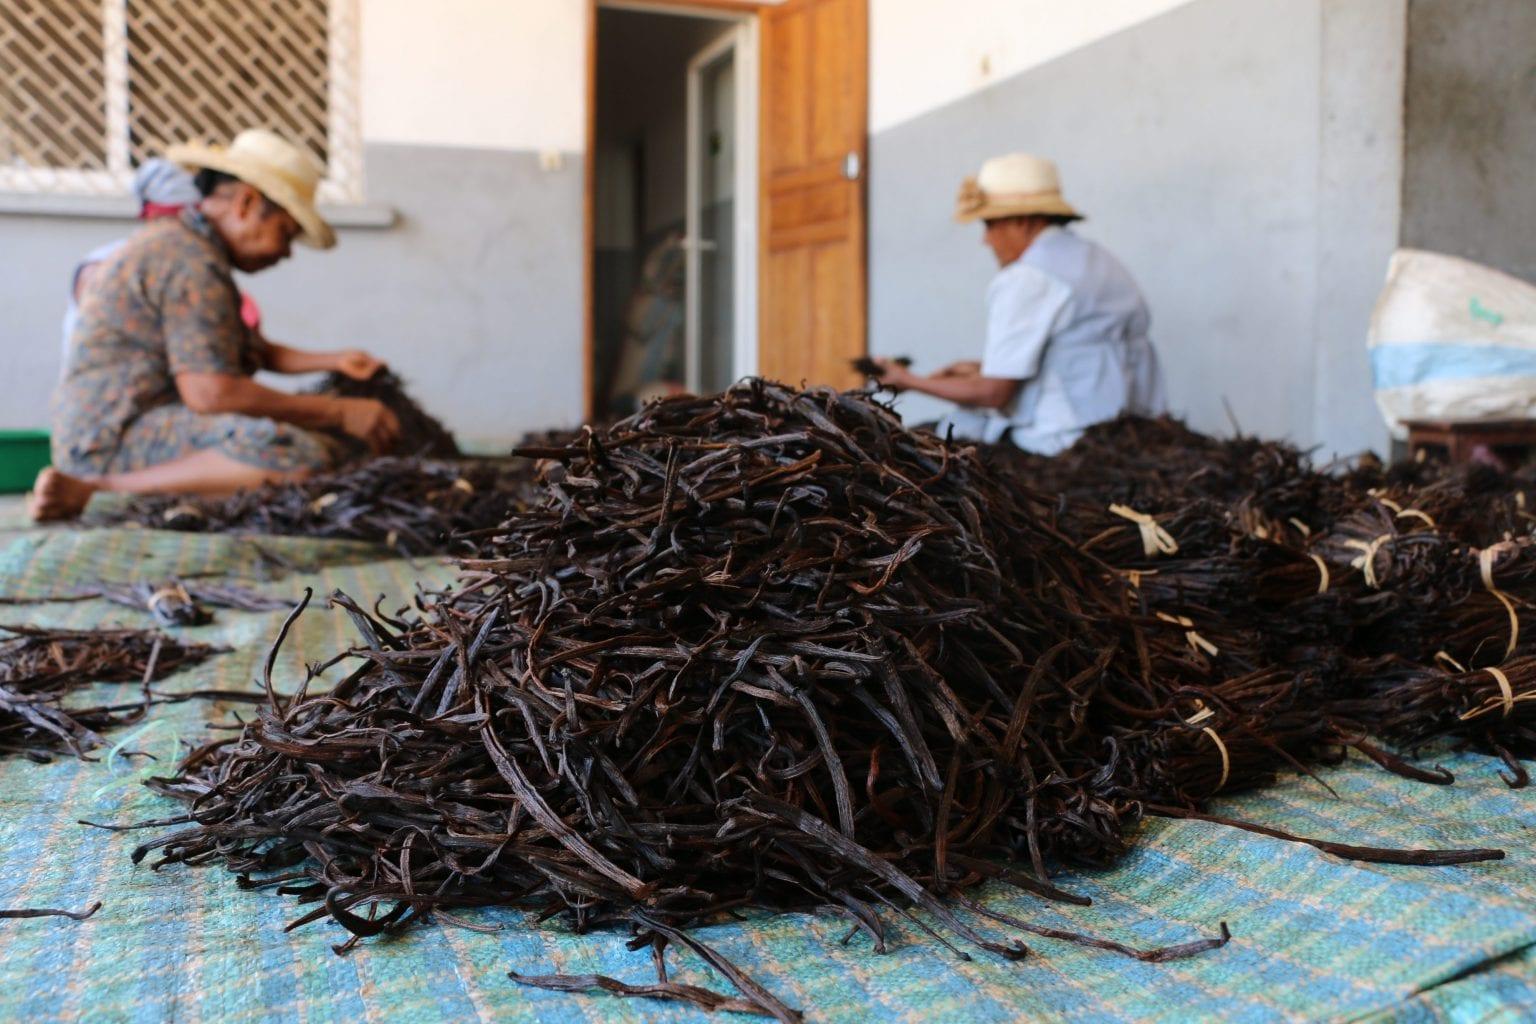 Børnearbejde, bundløs gæld og tyveri af vanilje er udbredt i Madagaskars vaniljeproduktion. Foto: Per Lykke Lind/Danwatch